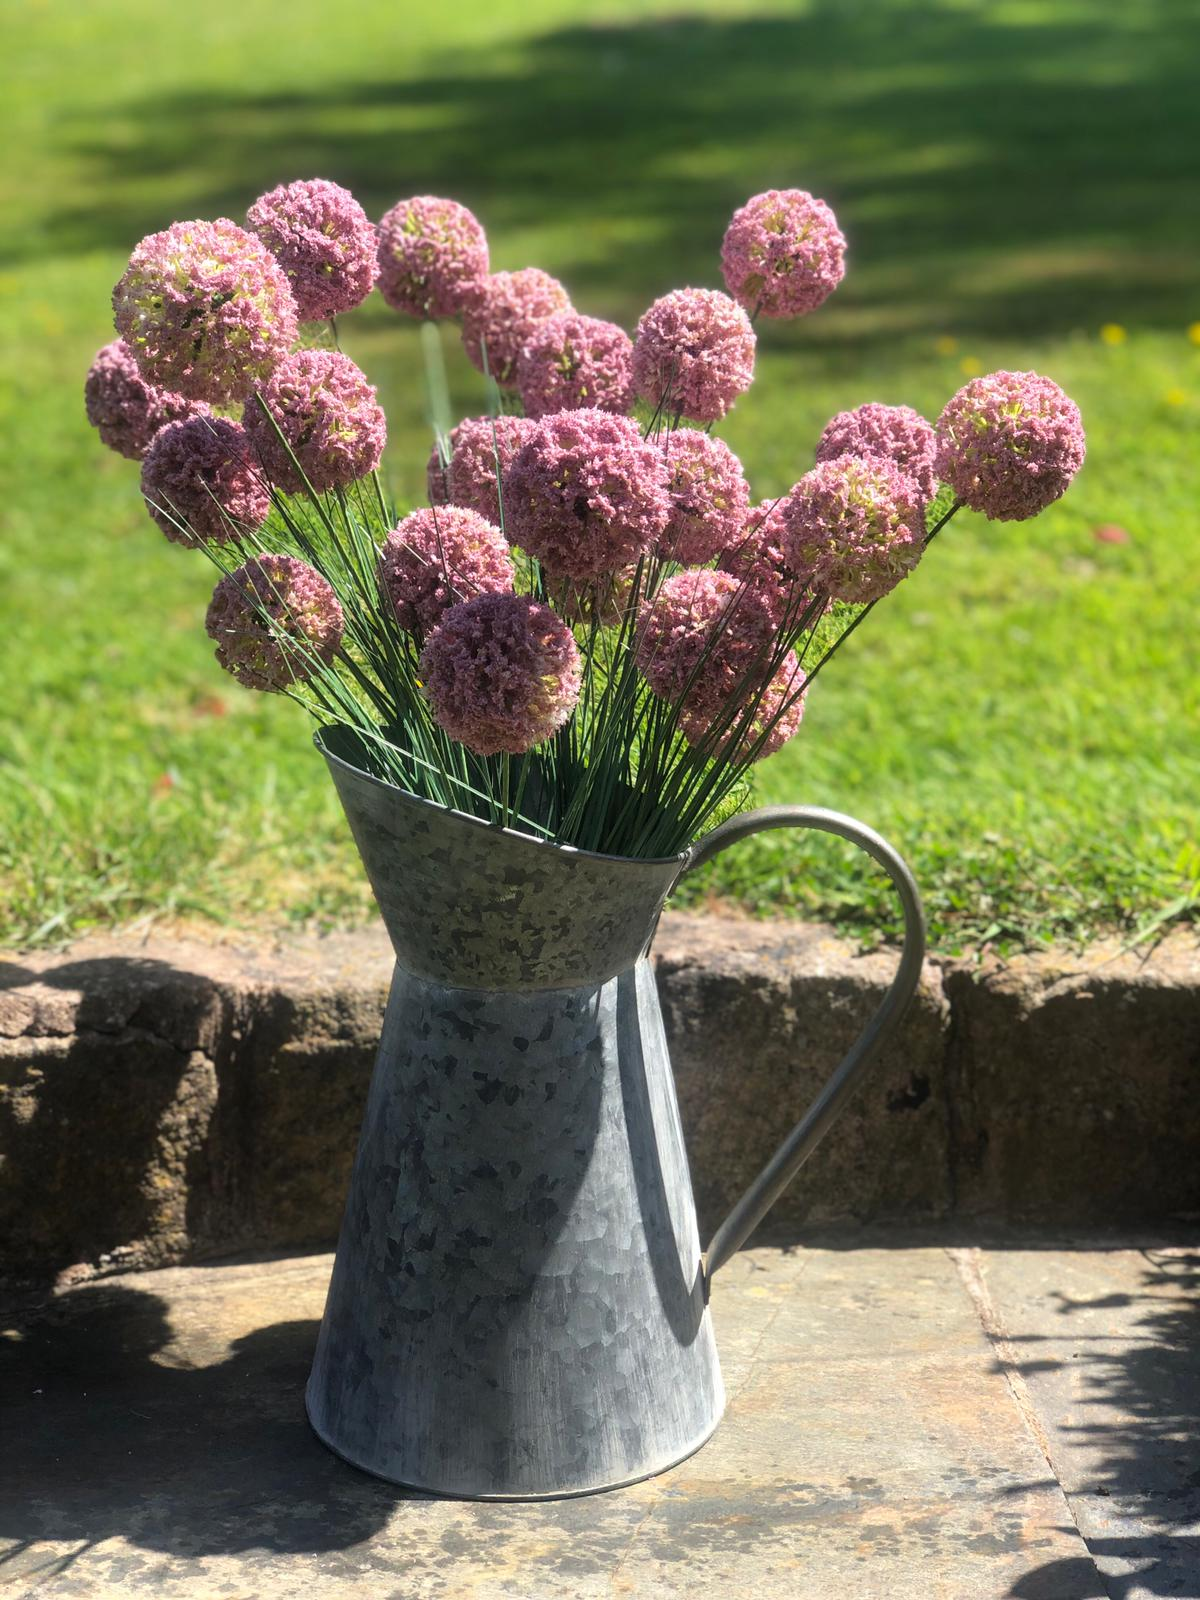 Grand Illusions Artificial Allium Spray